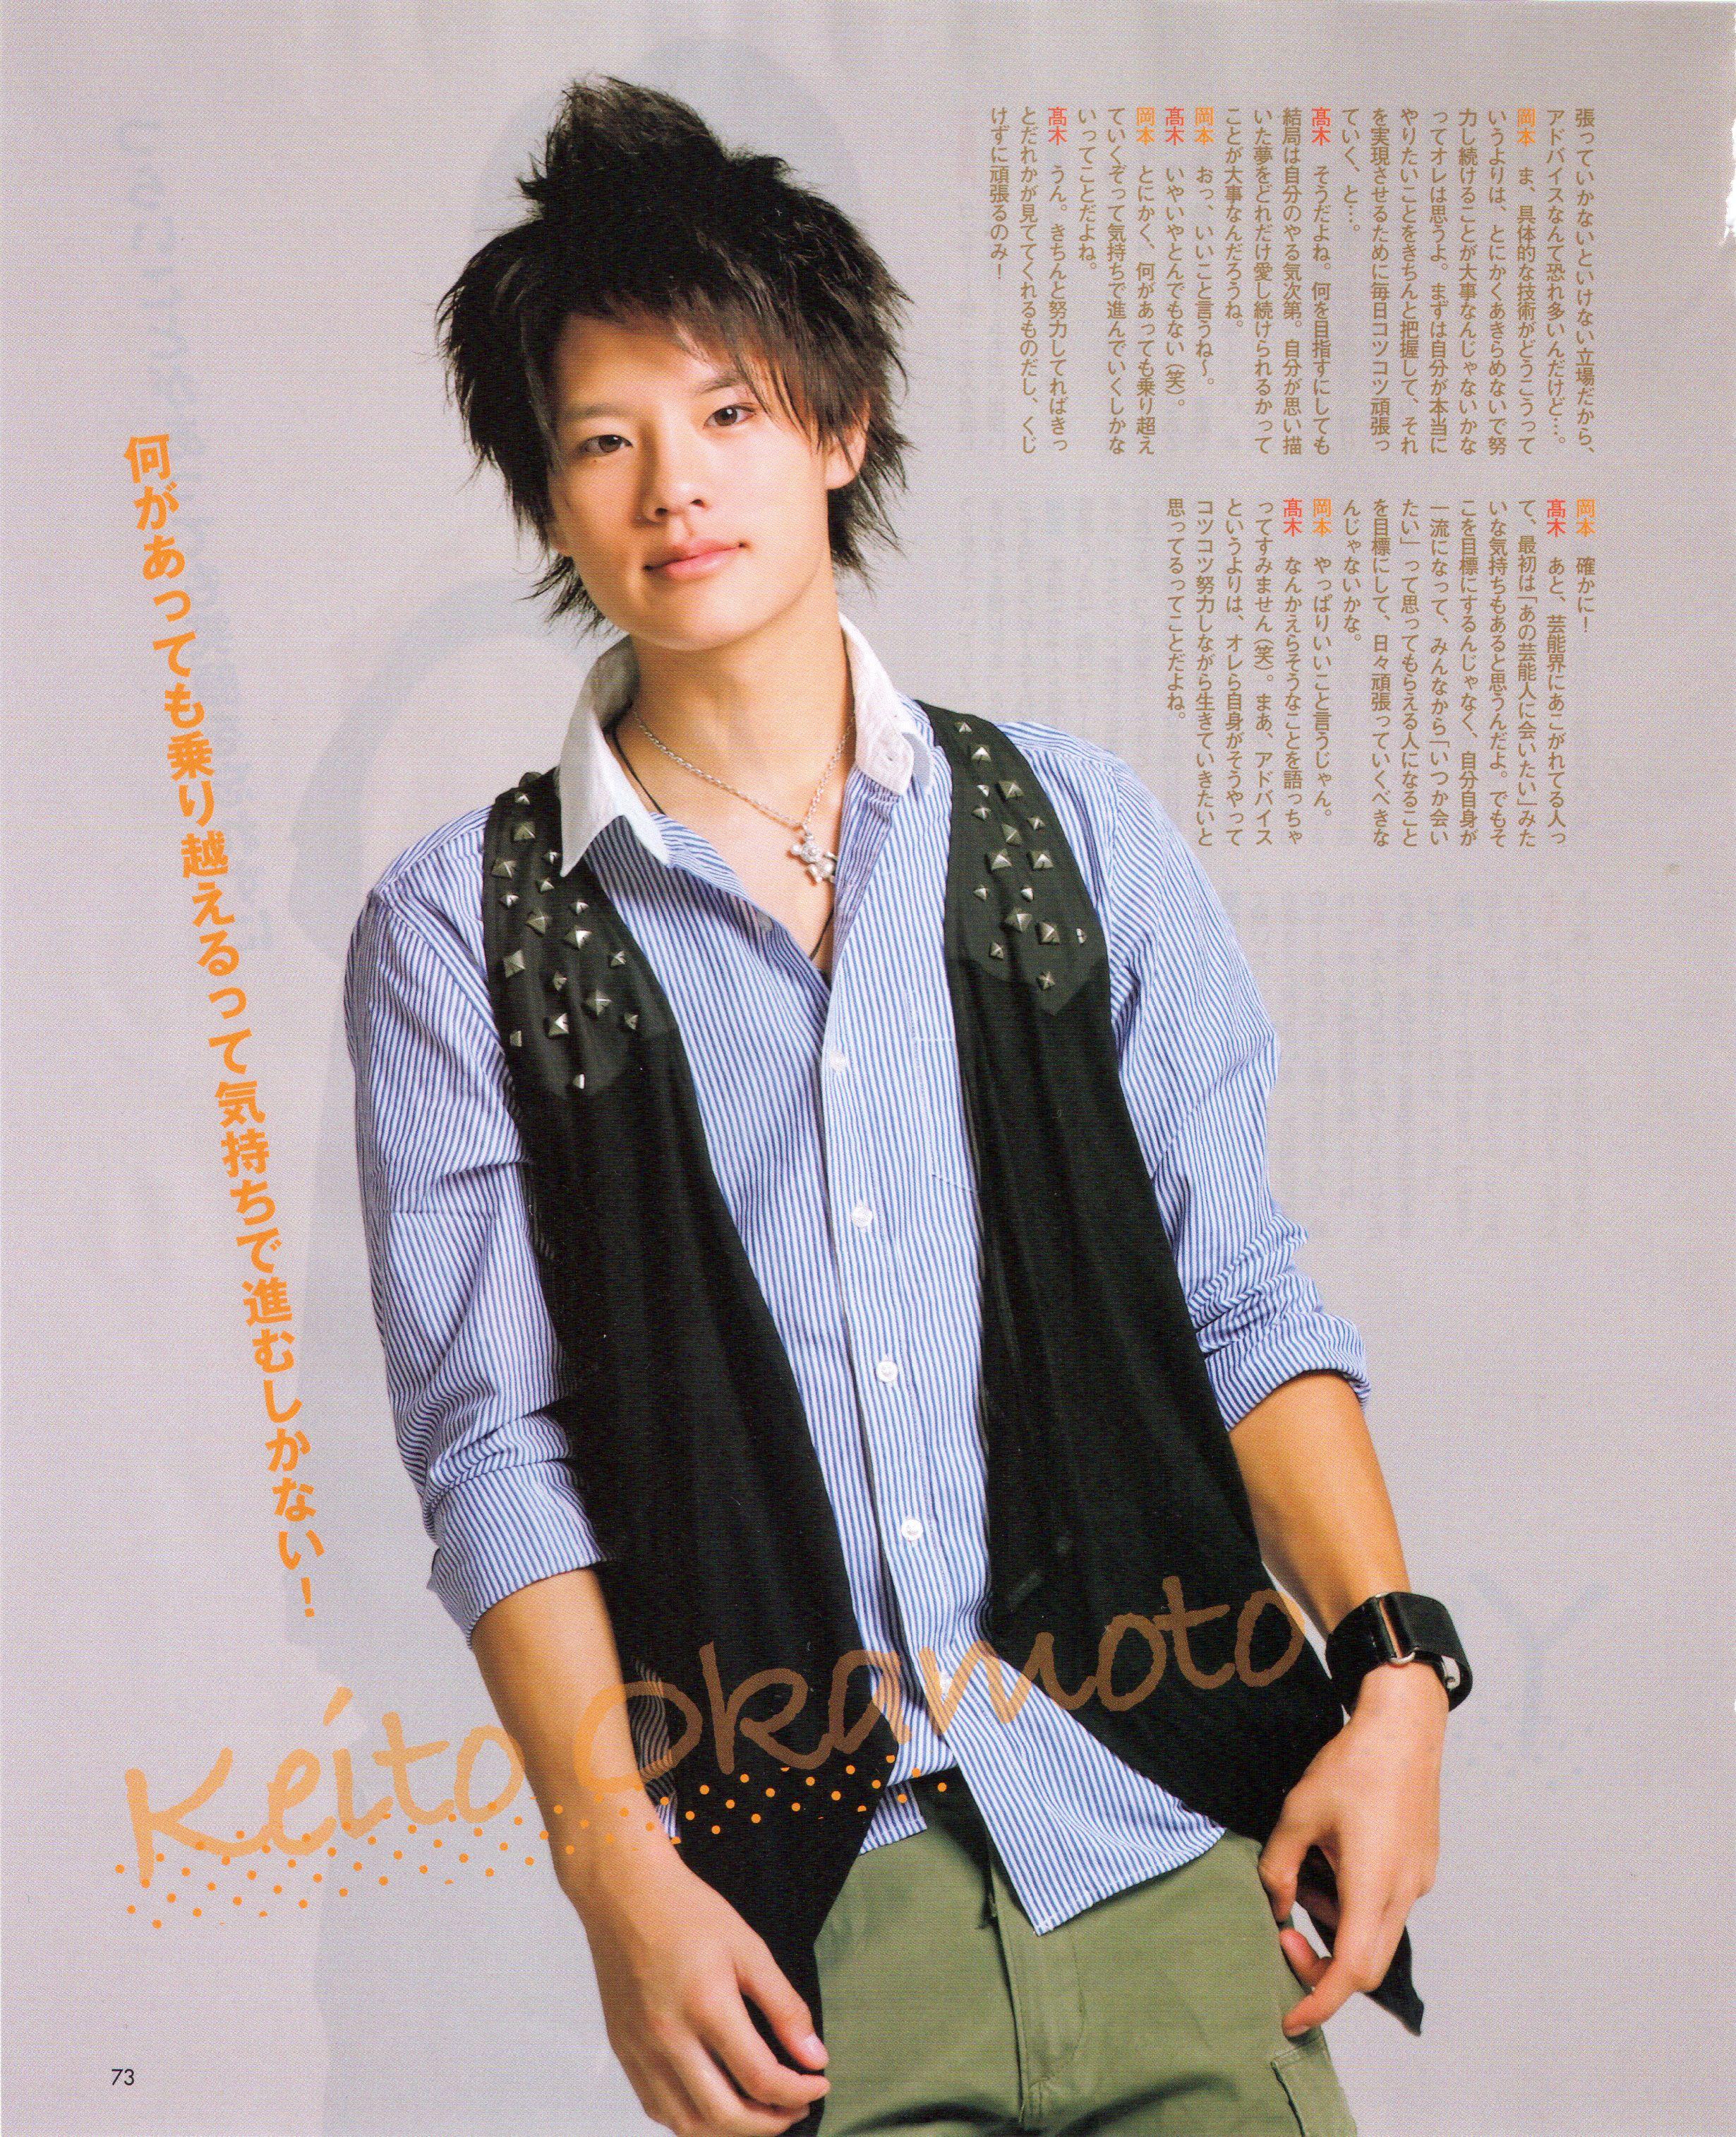 http://okamotokeito.files.wordpress.com/2009/10/011.jpg